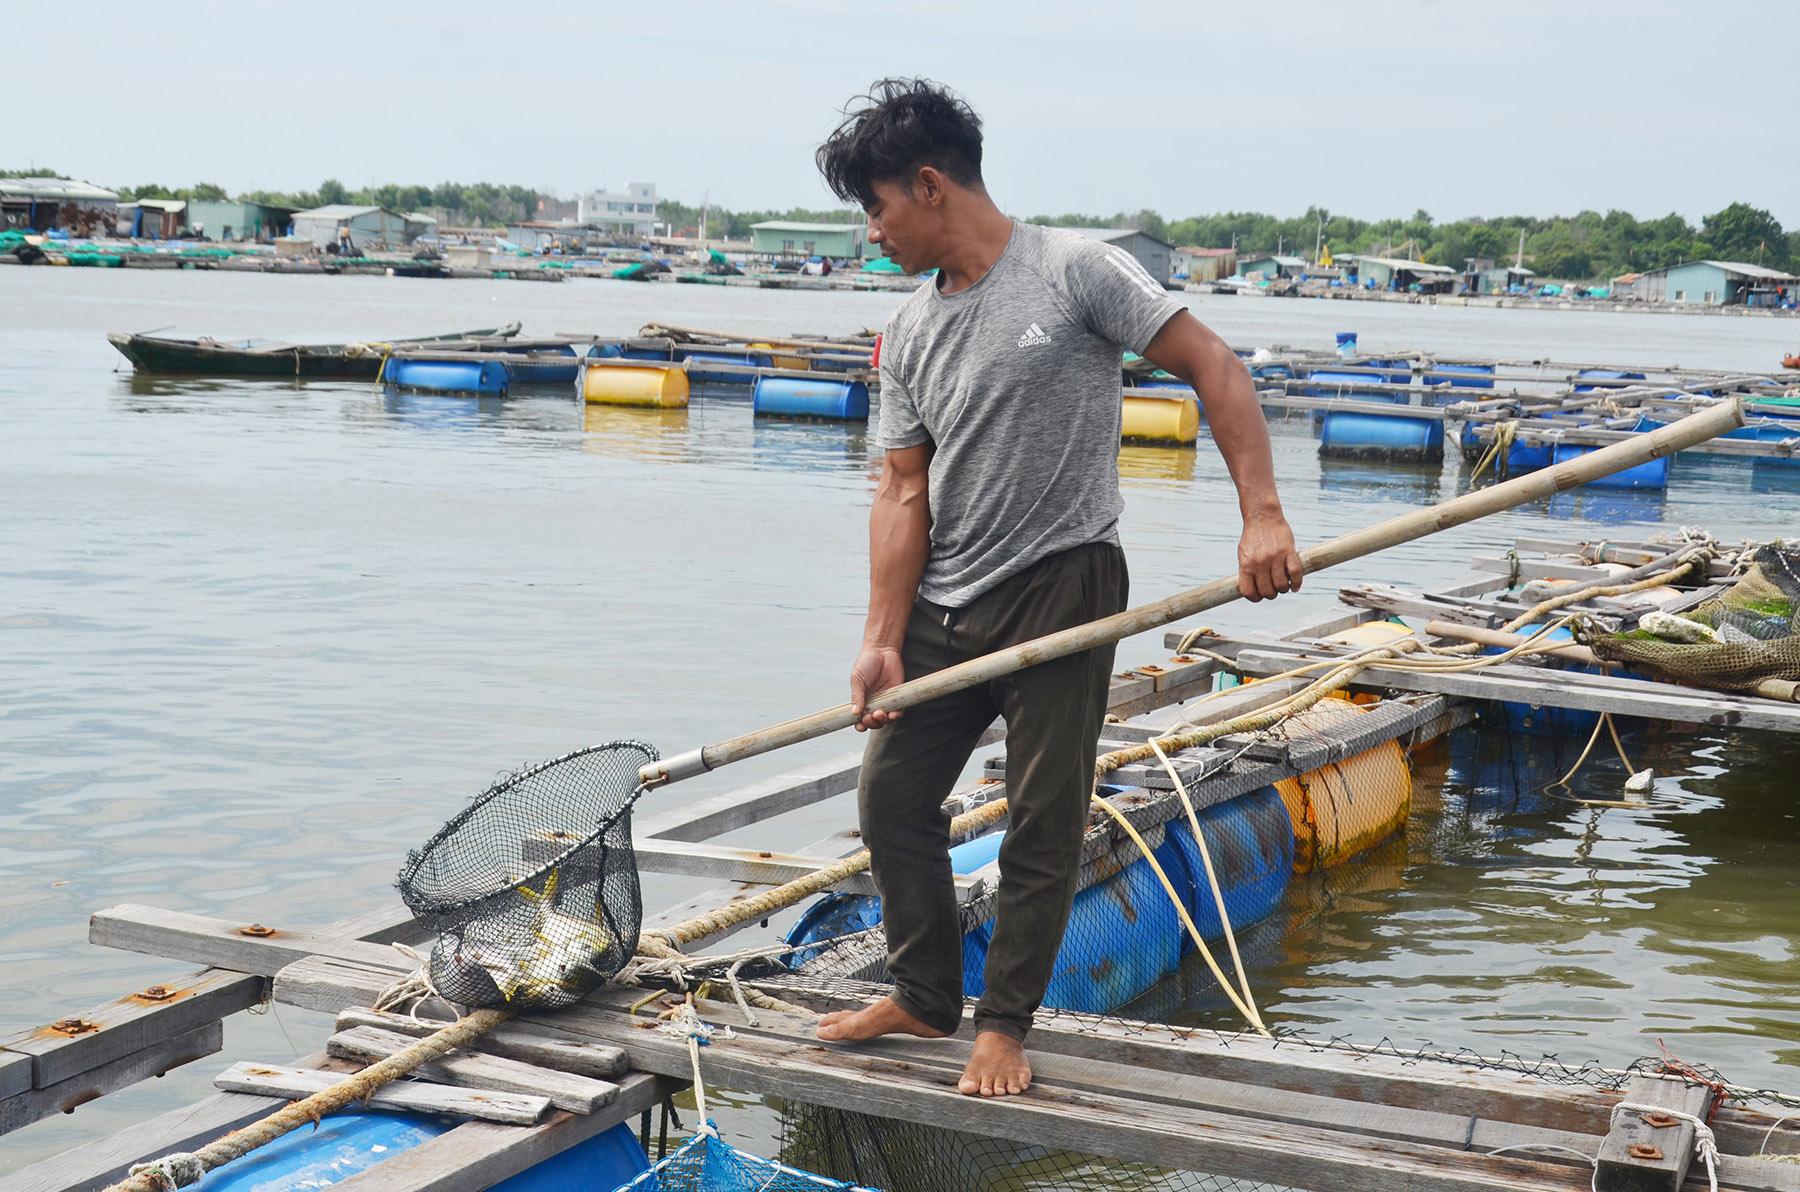 Xót xa, cuộc giải cứu bất thành hàng trăm ngàn con cá đặc sản trên sông Chà Và - Ảnh 2.